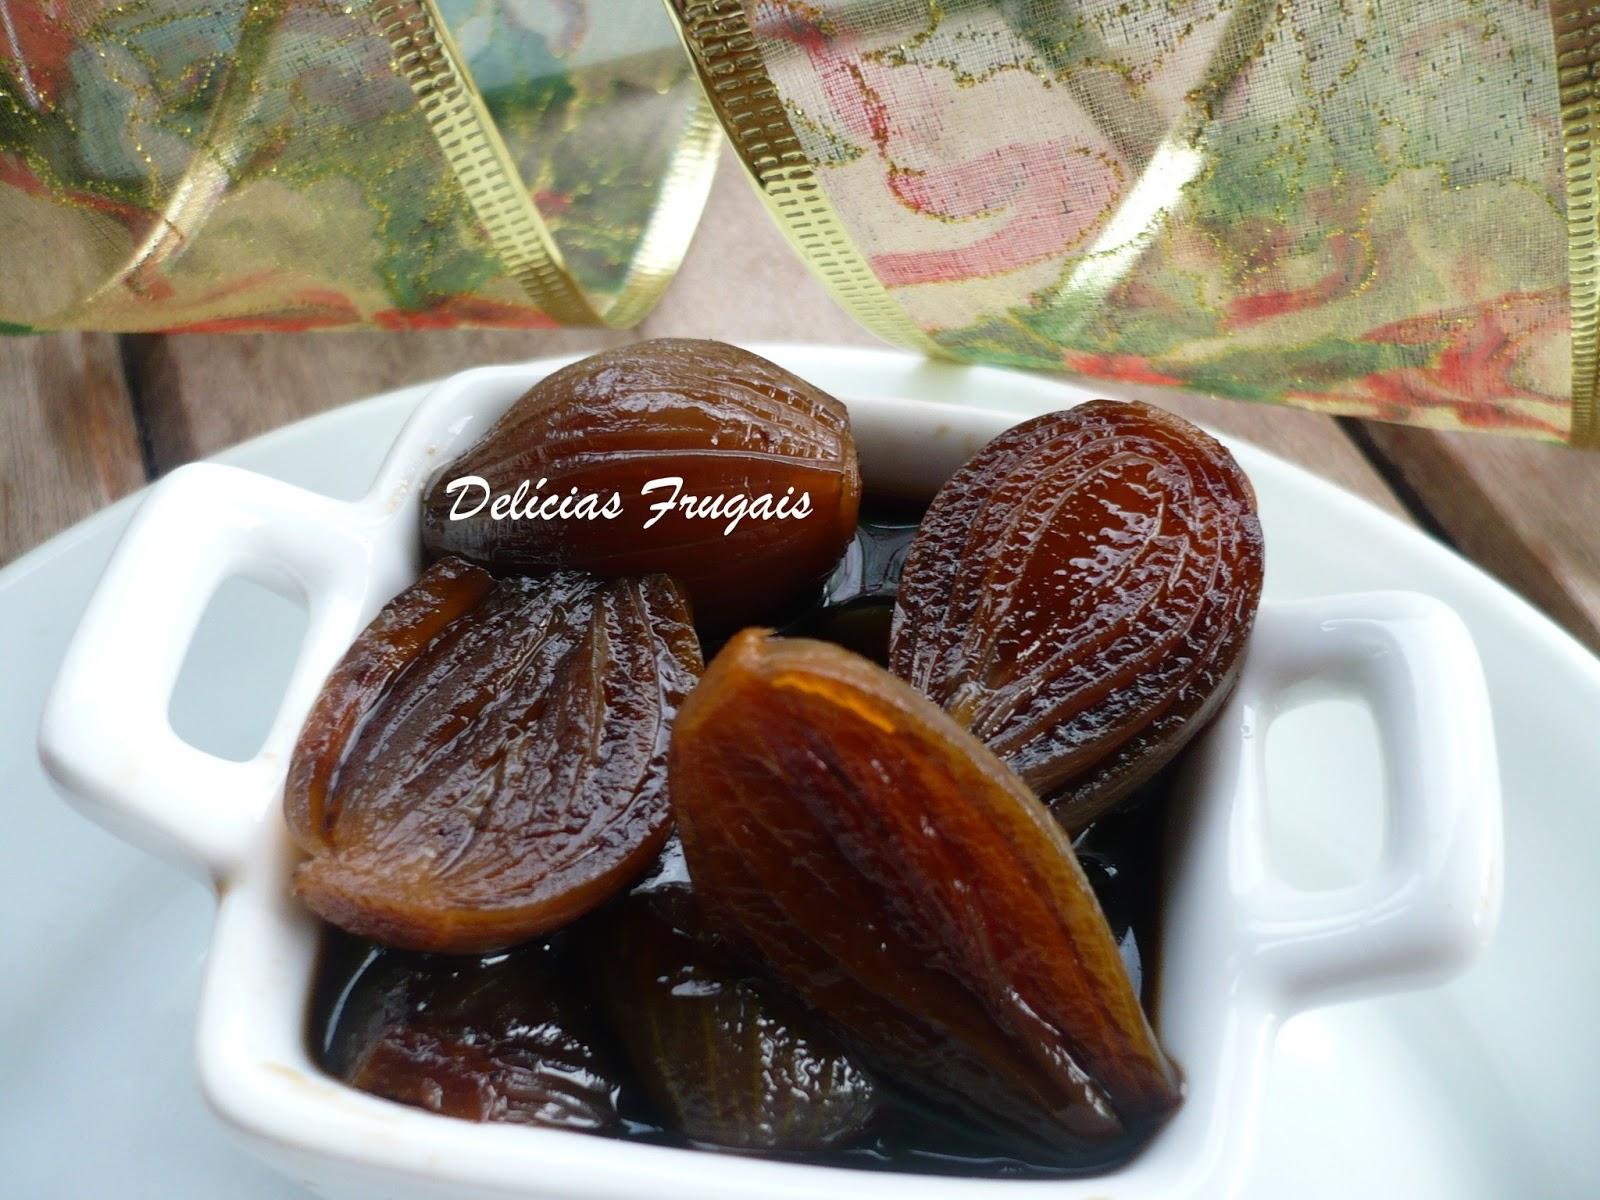 Cebola caramelada - Delícias Frugais